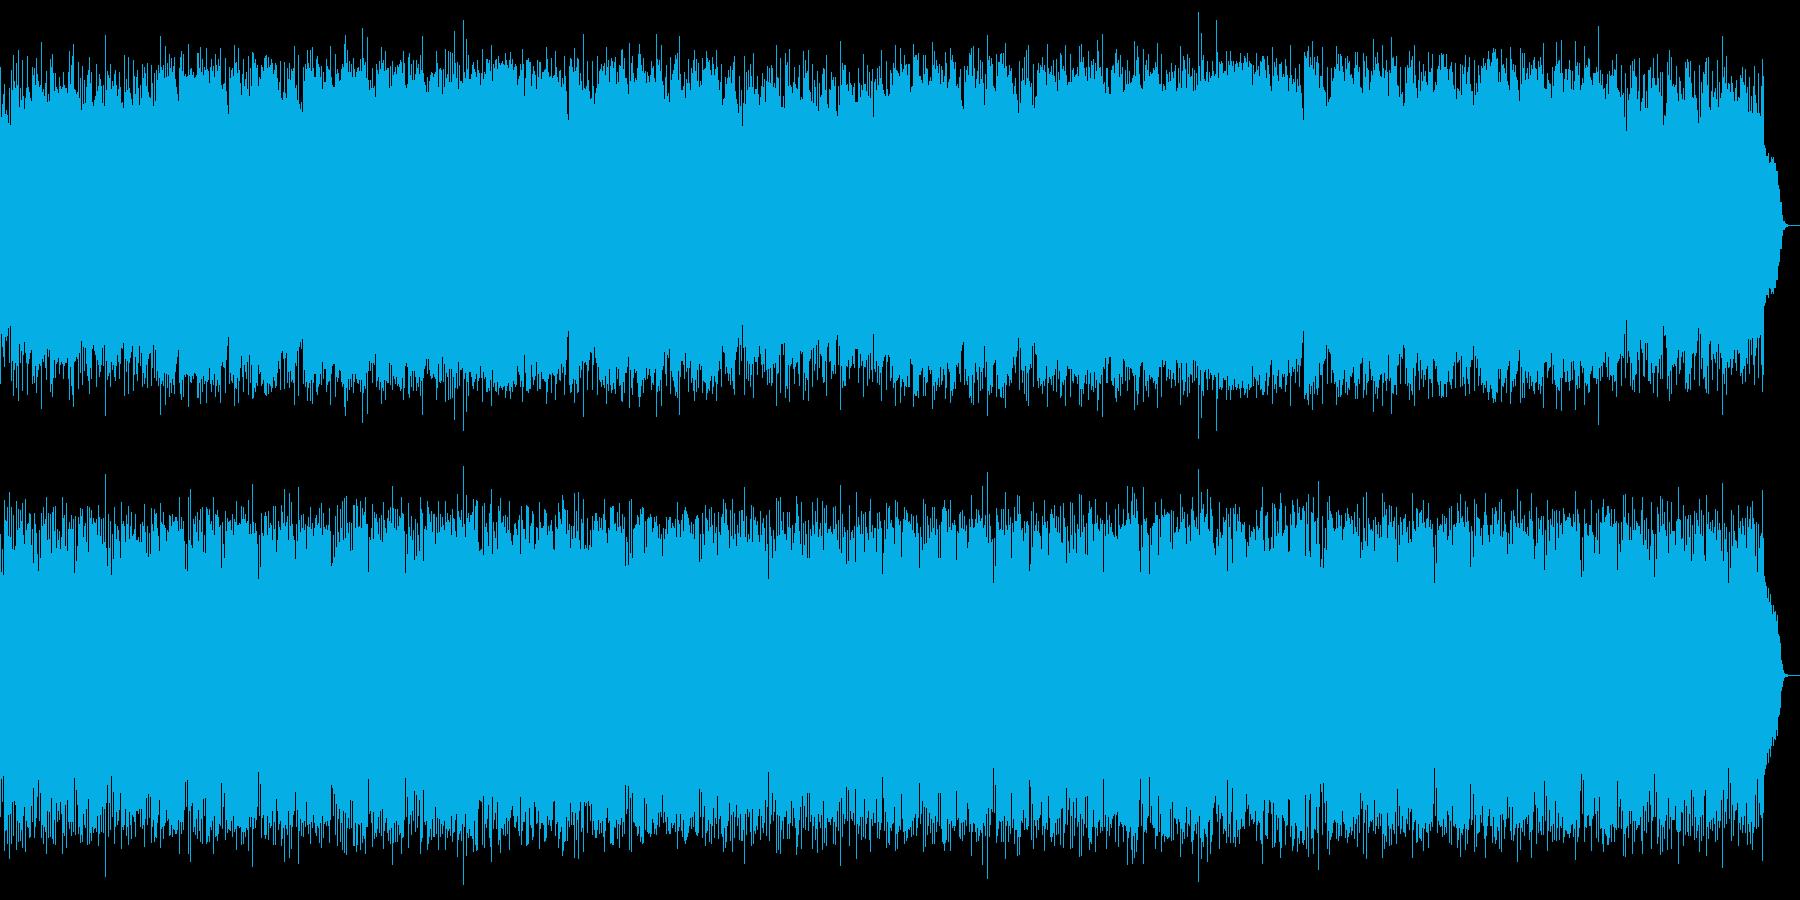 ロマンチックで優しいSAXメインの軽音楽の再生済みの波形